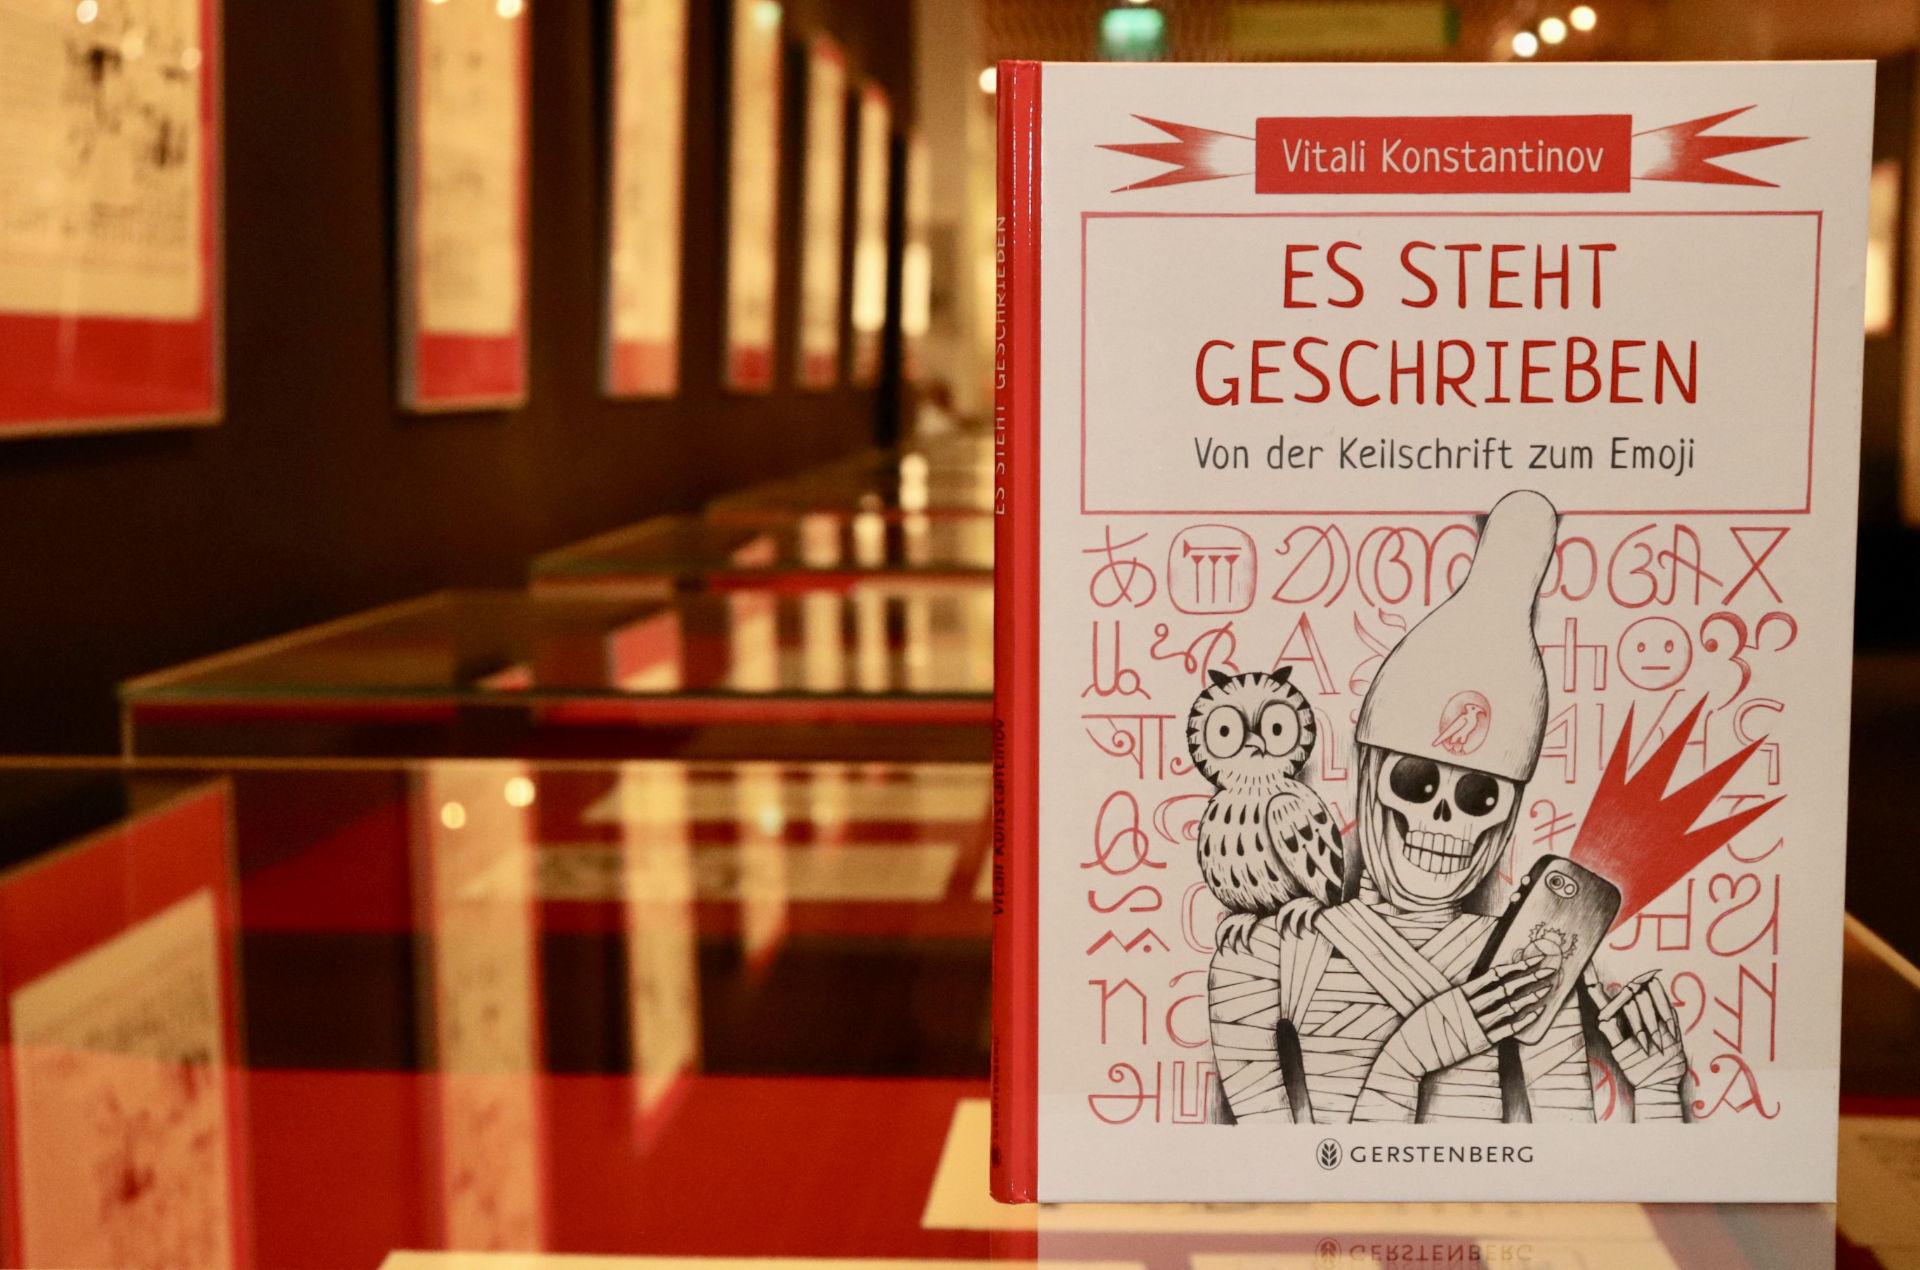 Gutenberg-Museum bietet einen Streifzug durch die Geschichte der Schriften weltweit